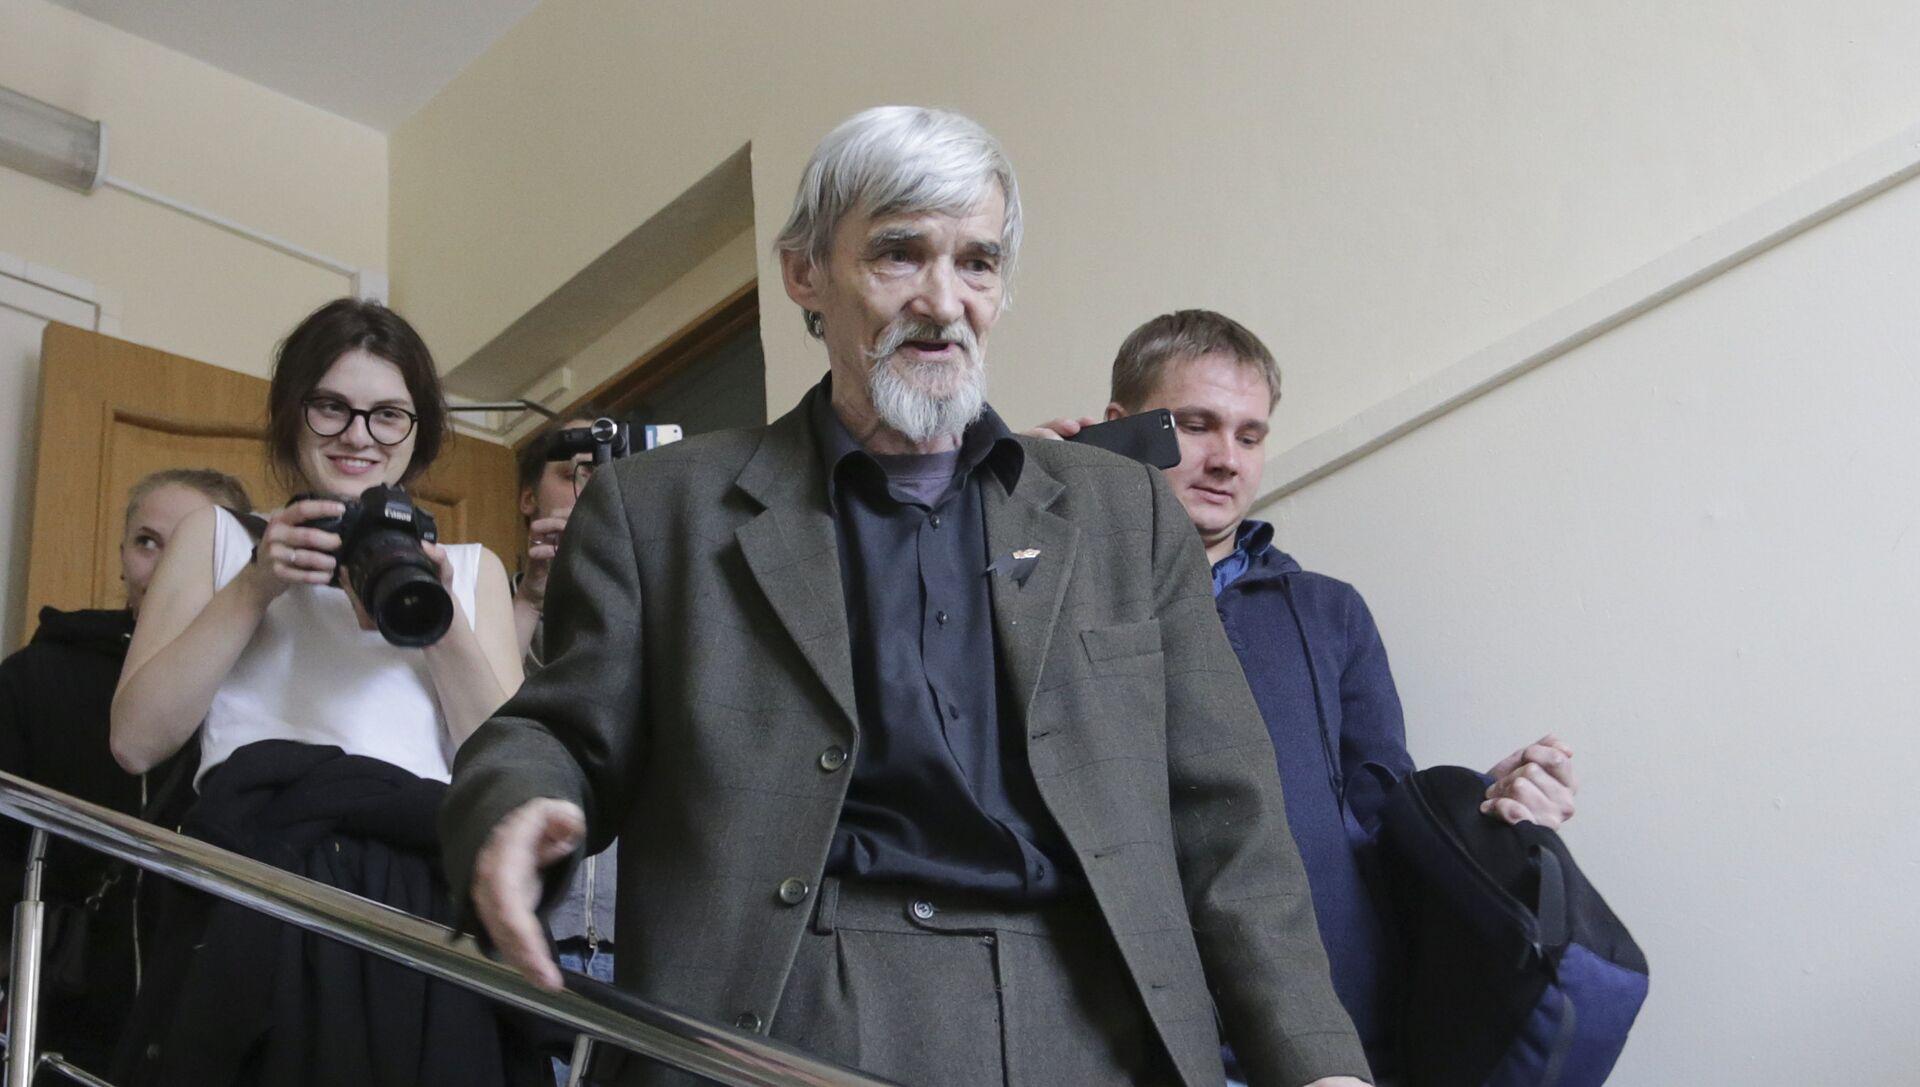 Историк Юрий Дмитриев после слушания в здании суда в Петрозаводске. 5 апреля 2018  - РИА Новости, 1920, 07.12.2020